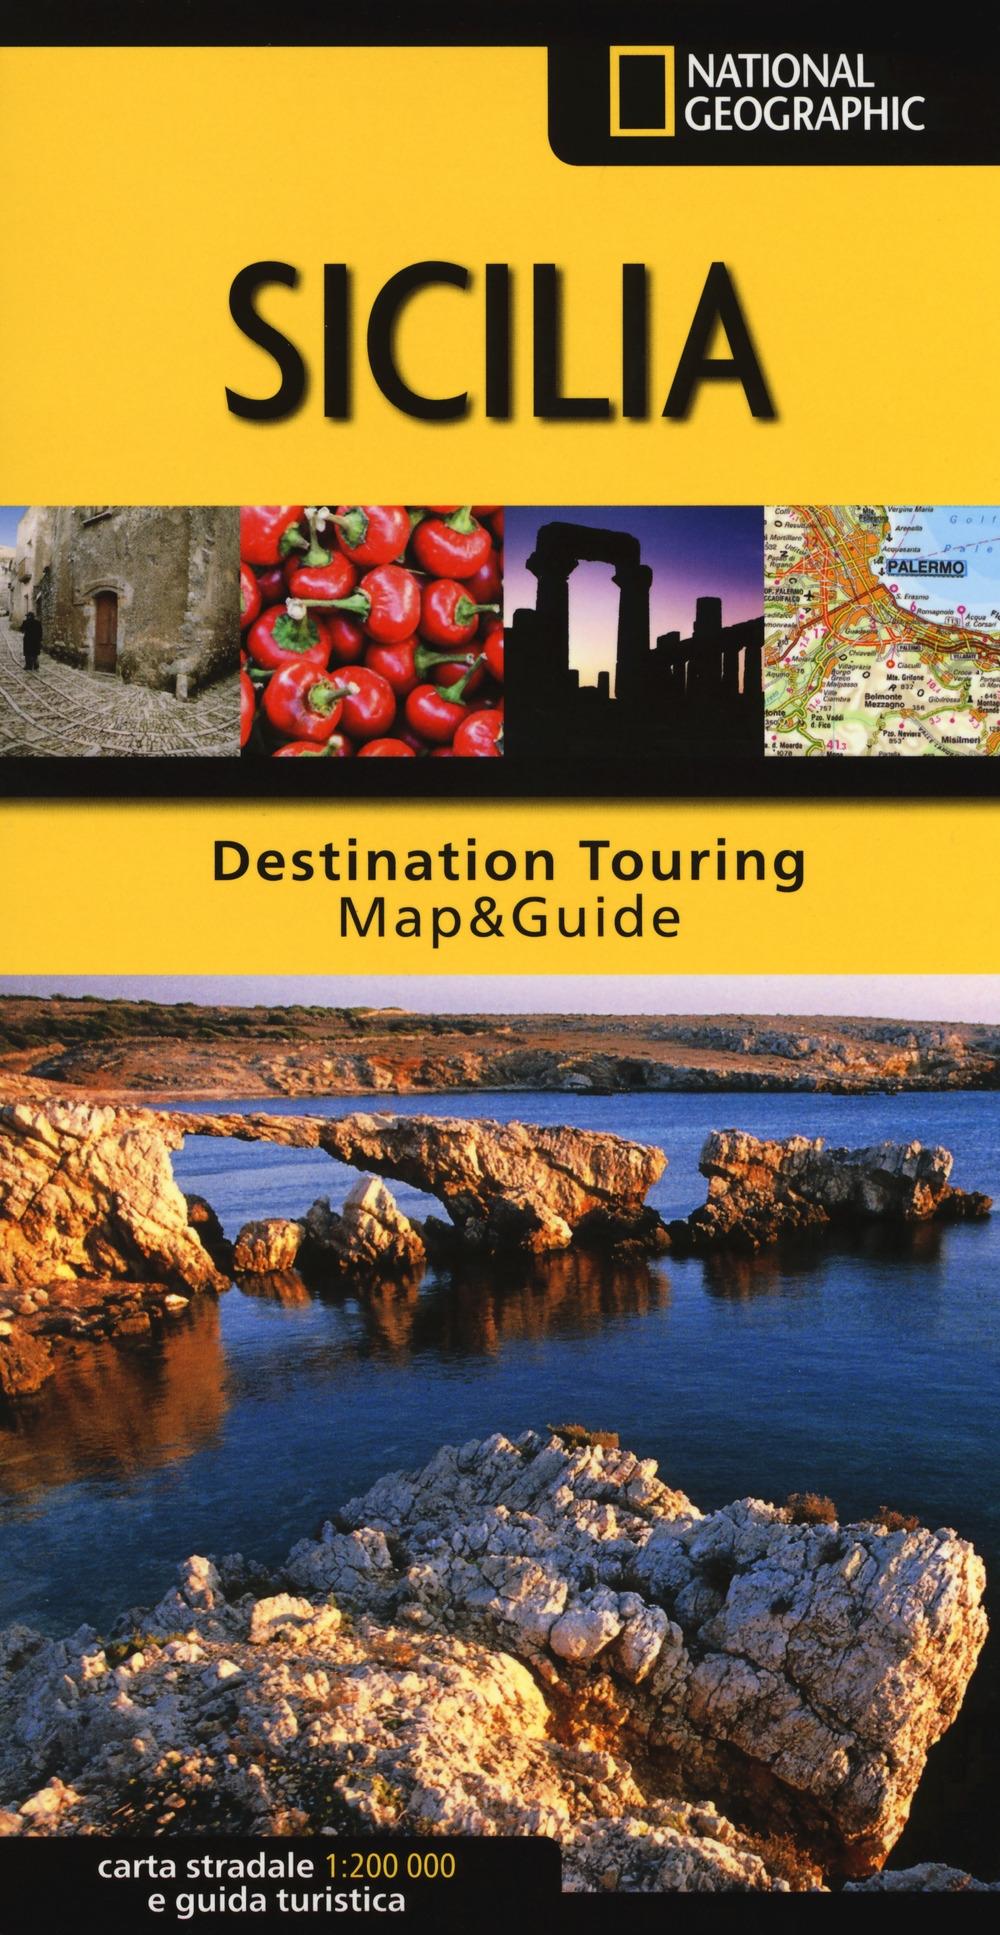 Sicilia. Carta stradale e guida turistica. 1:200.000